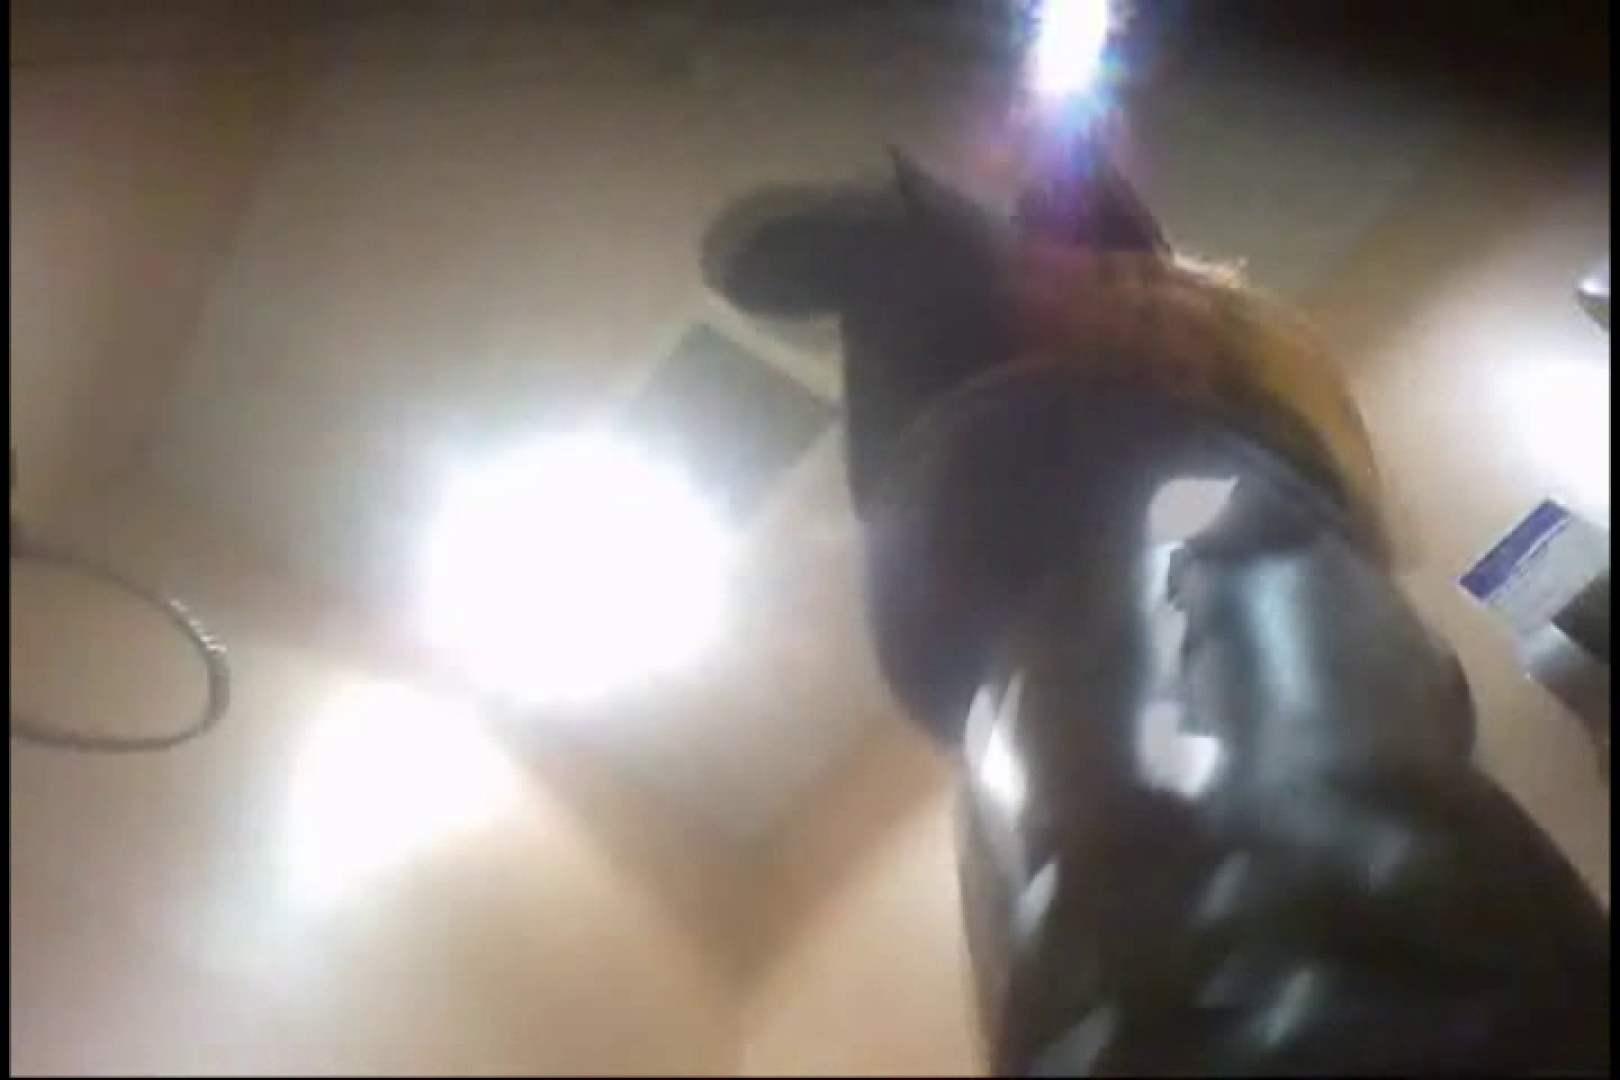 画質向上!新亀さん厠 vol.52 厠 覗きオメコ動画キャプチャ 102画像 70